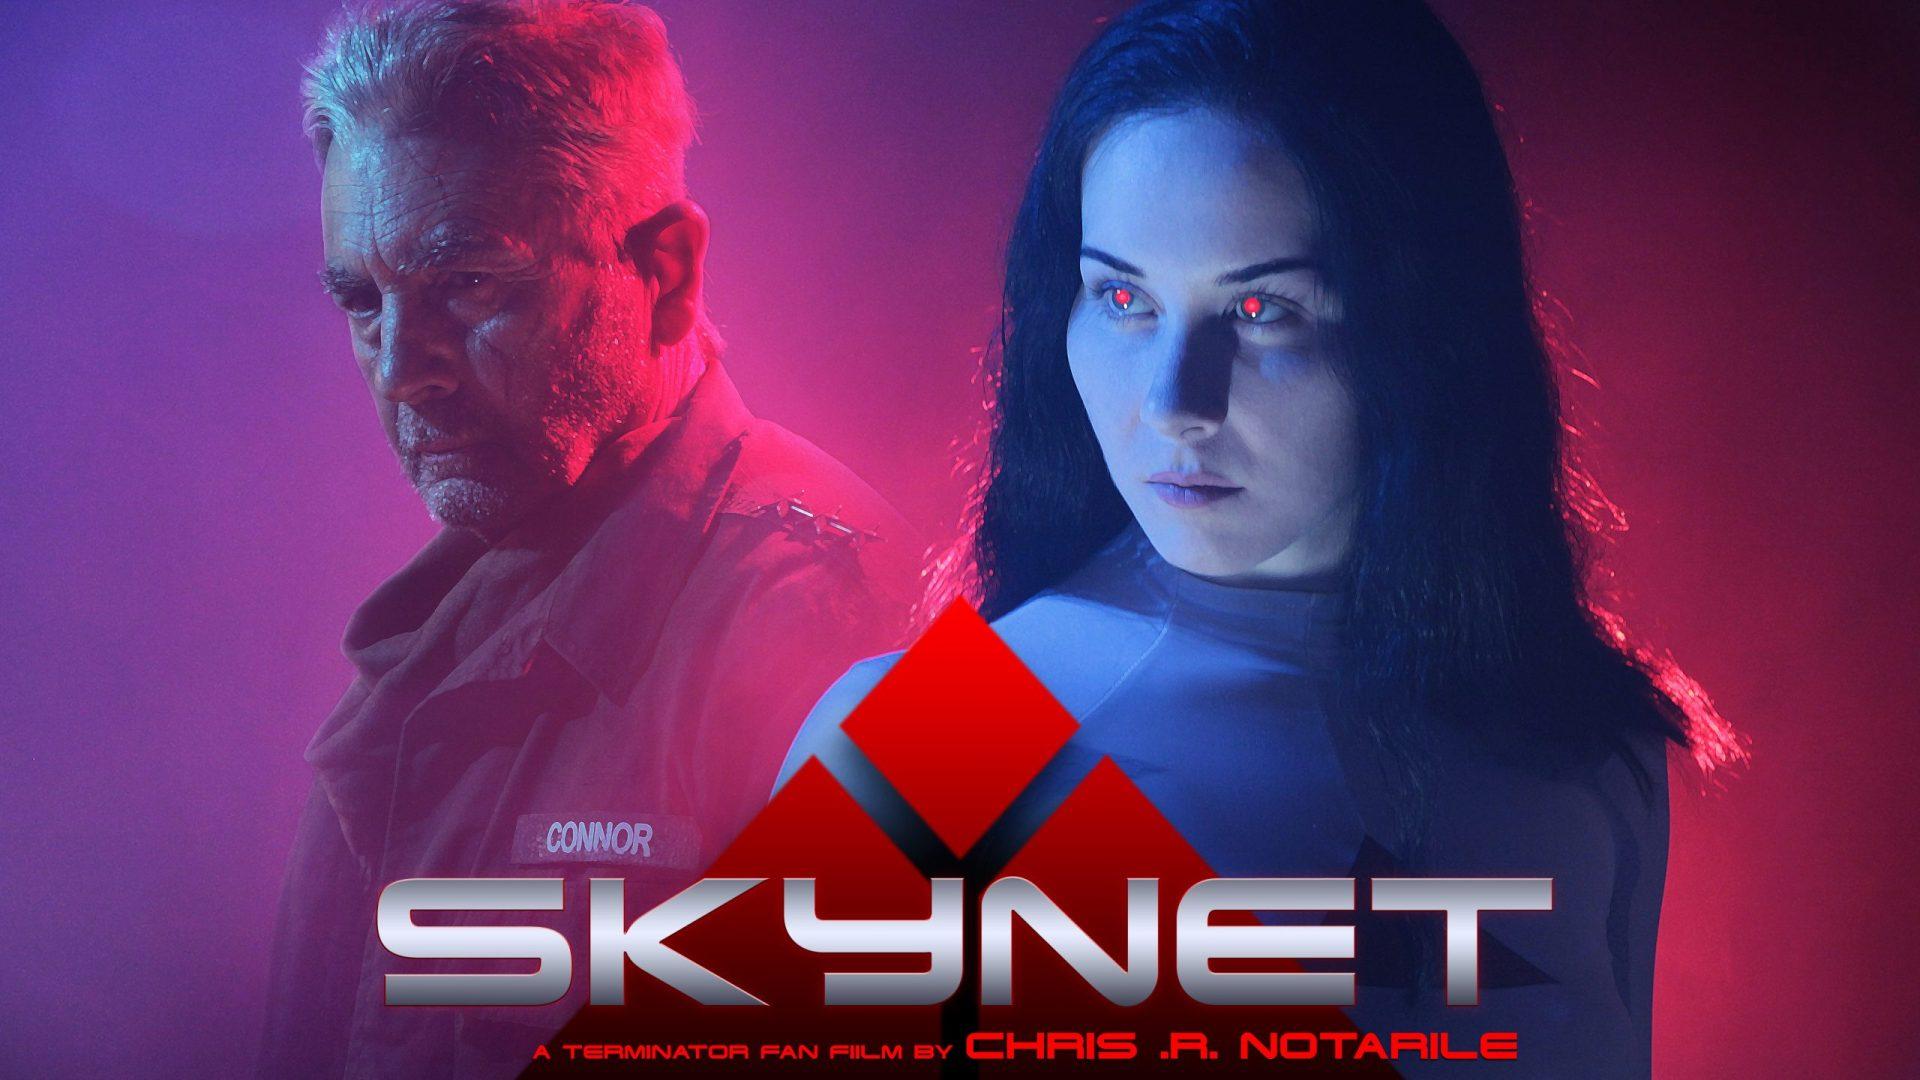 SKYNET - A Terminator Fan Film starring Michael Edwards as John Connor